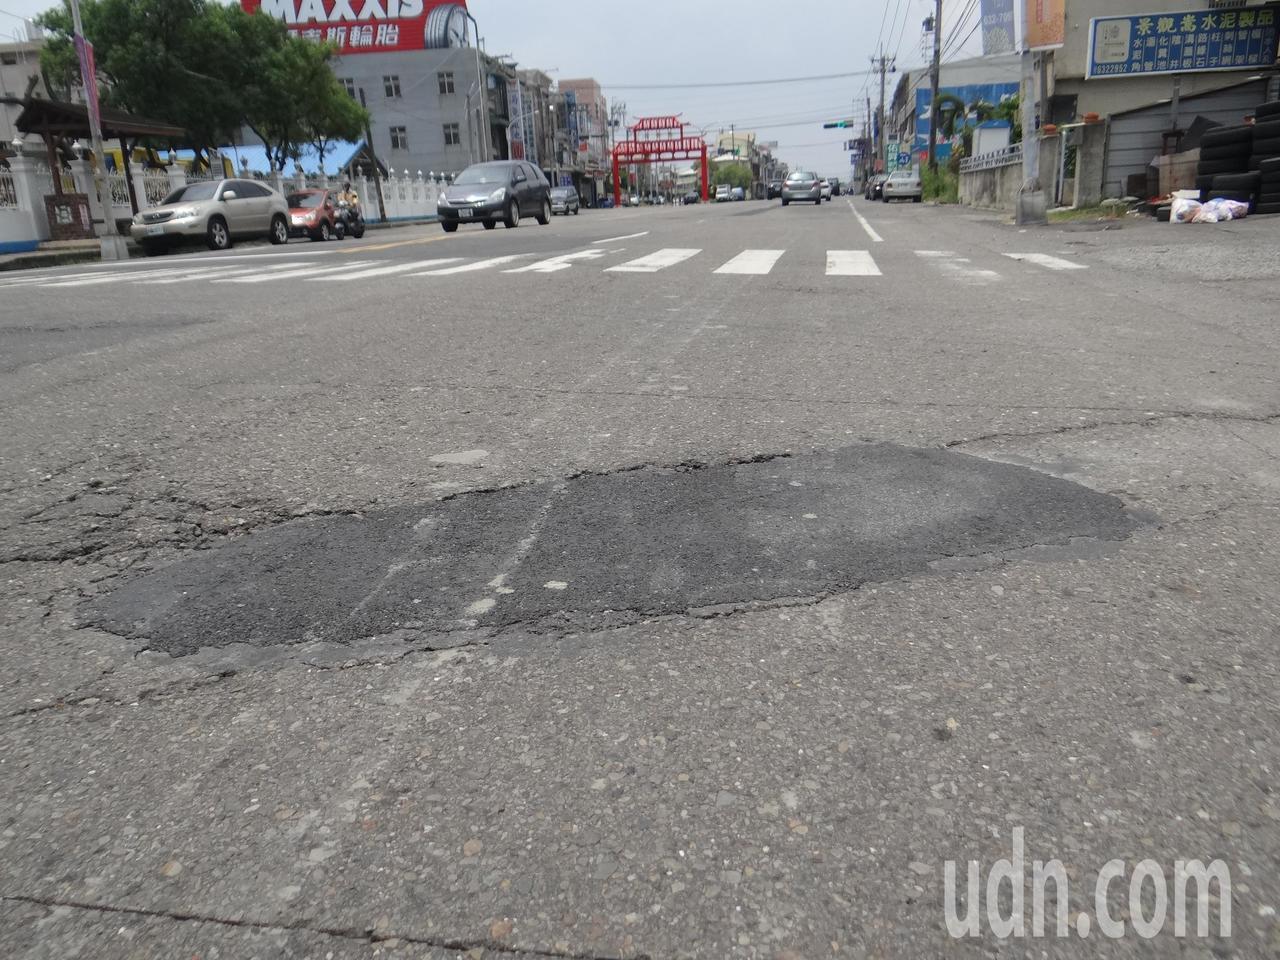 雲林縣主要道路的雲145縣道,車流量大,路面卻到處坑坑洞洞,像貼膏藥,用路品質差...